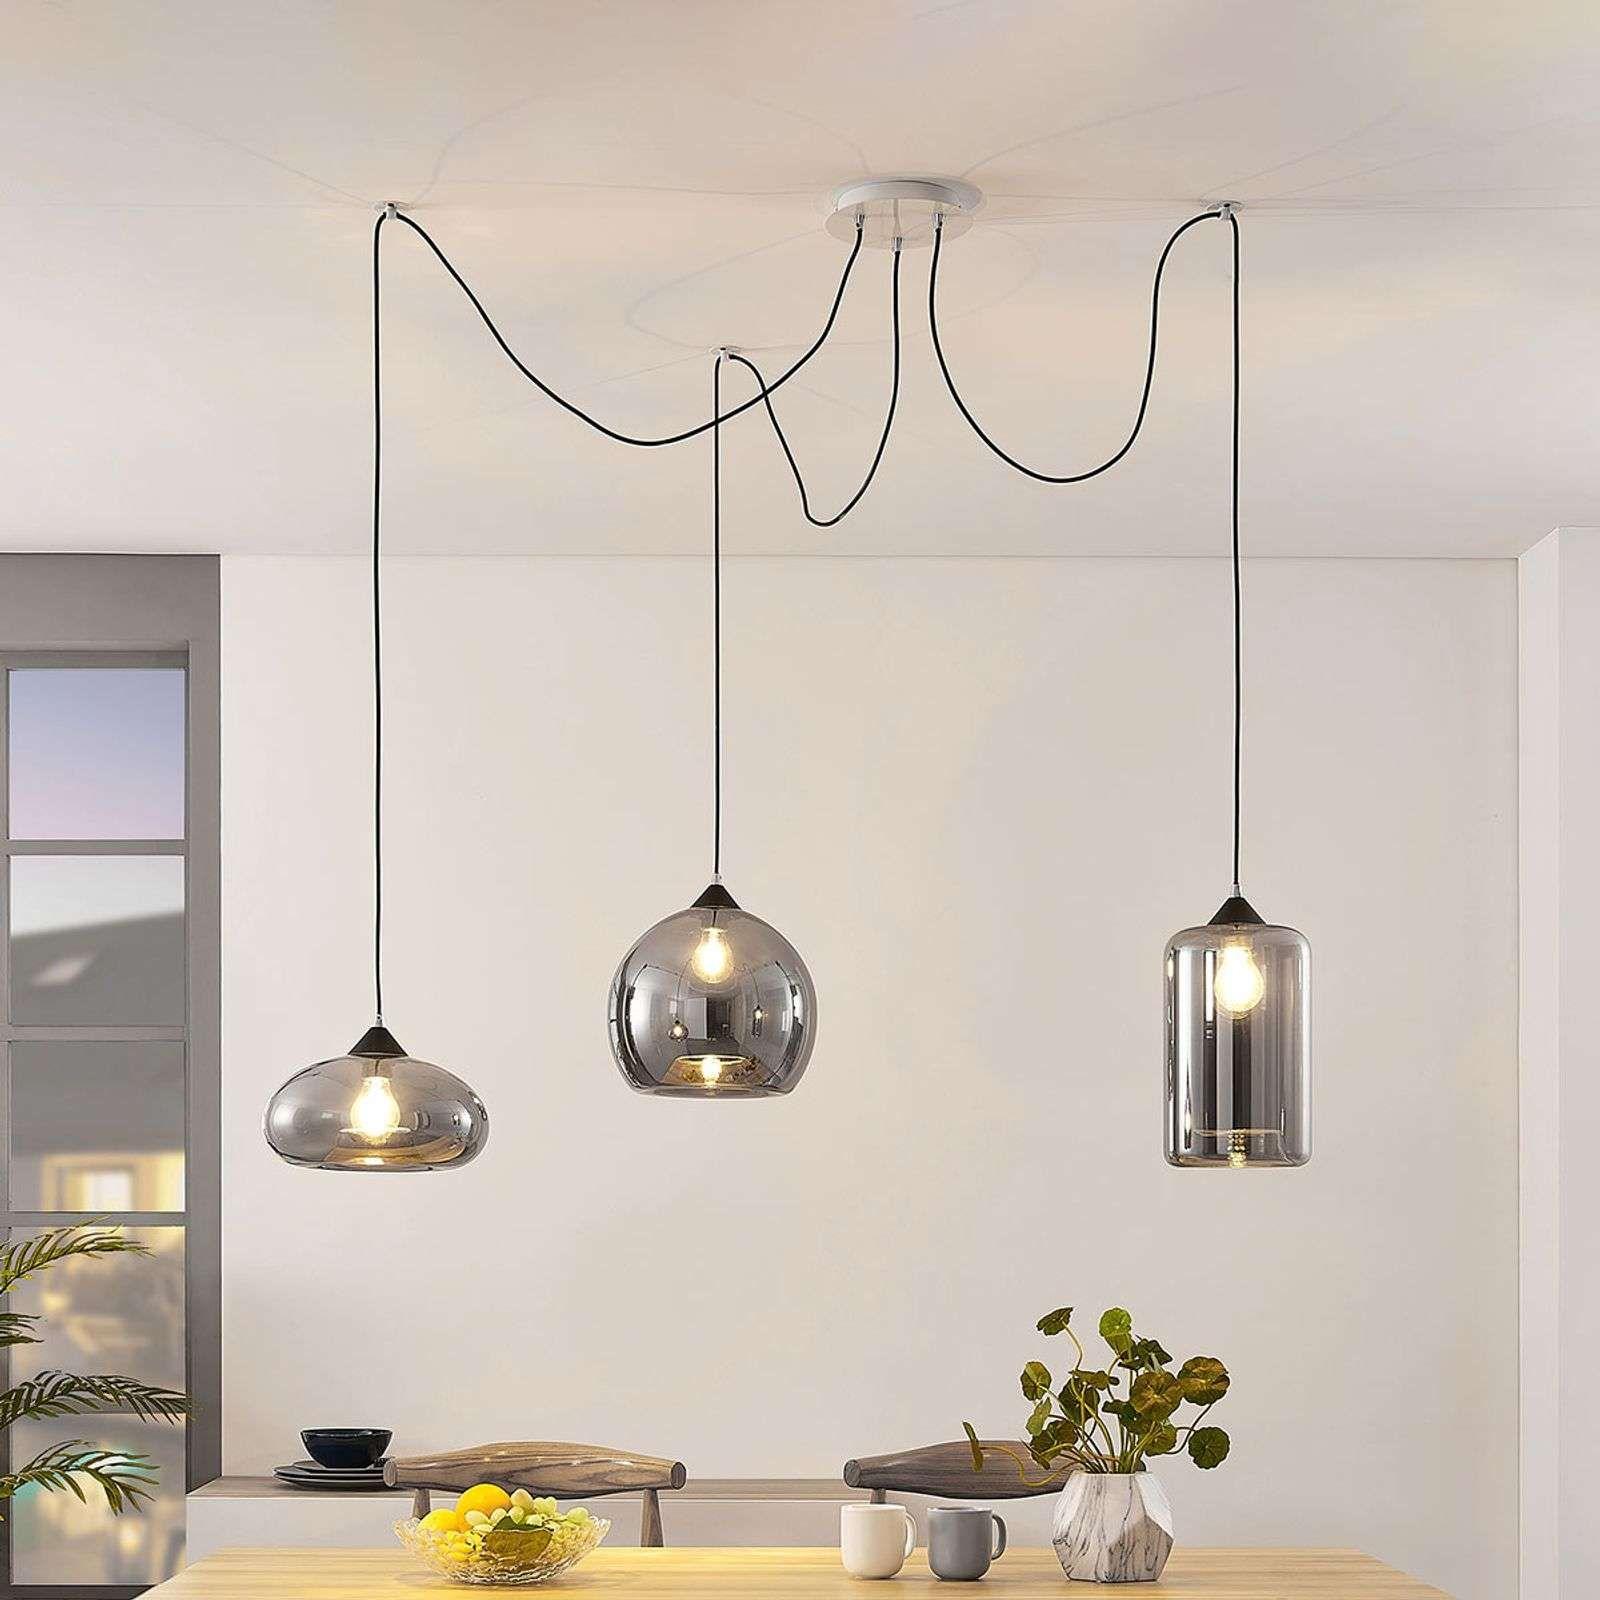 Pendelleuchte Pendellampe Hängeleuchte Hängelampe Küche Esstisch Lampe Cord